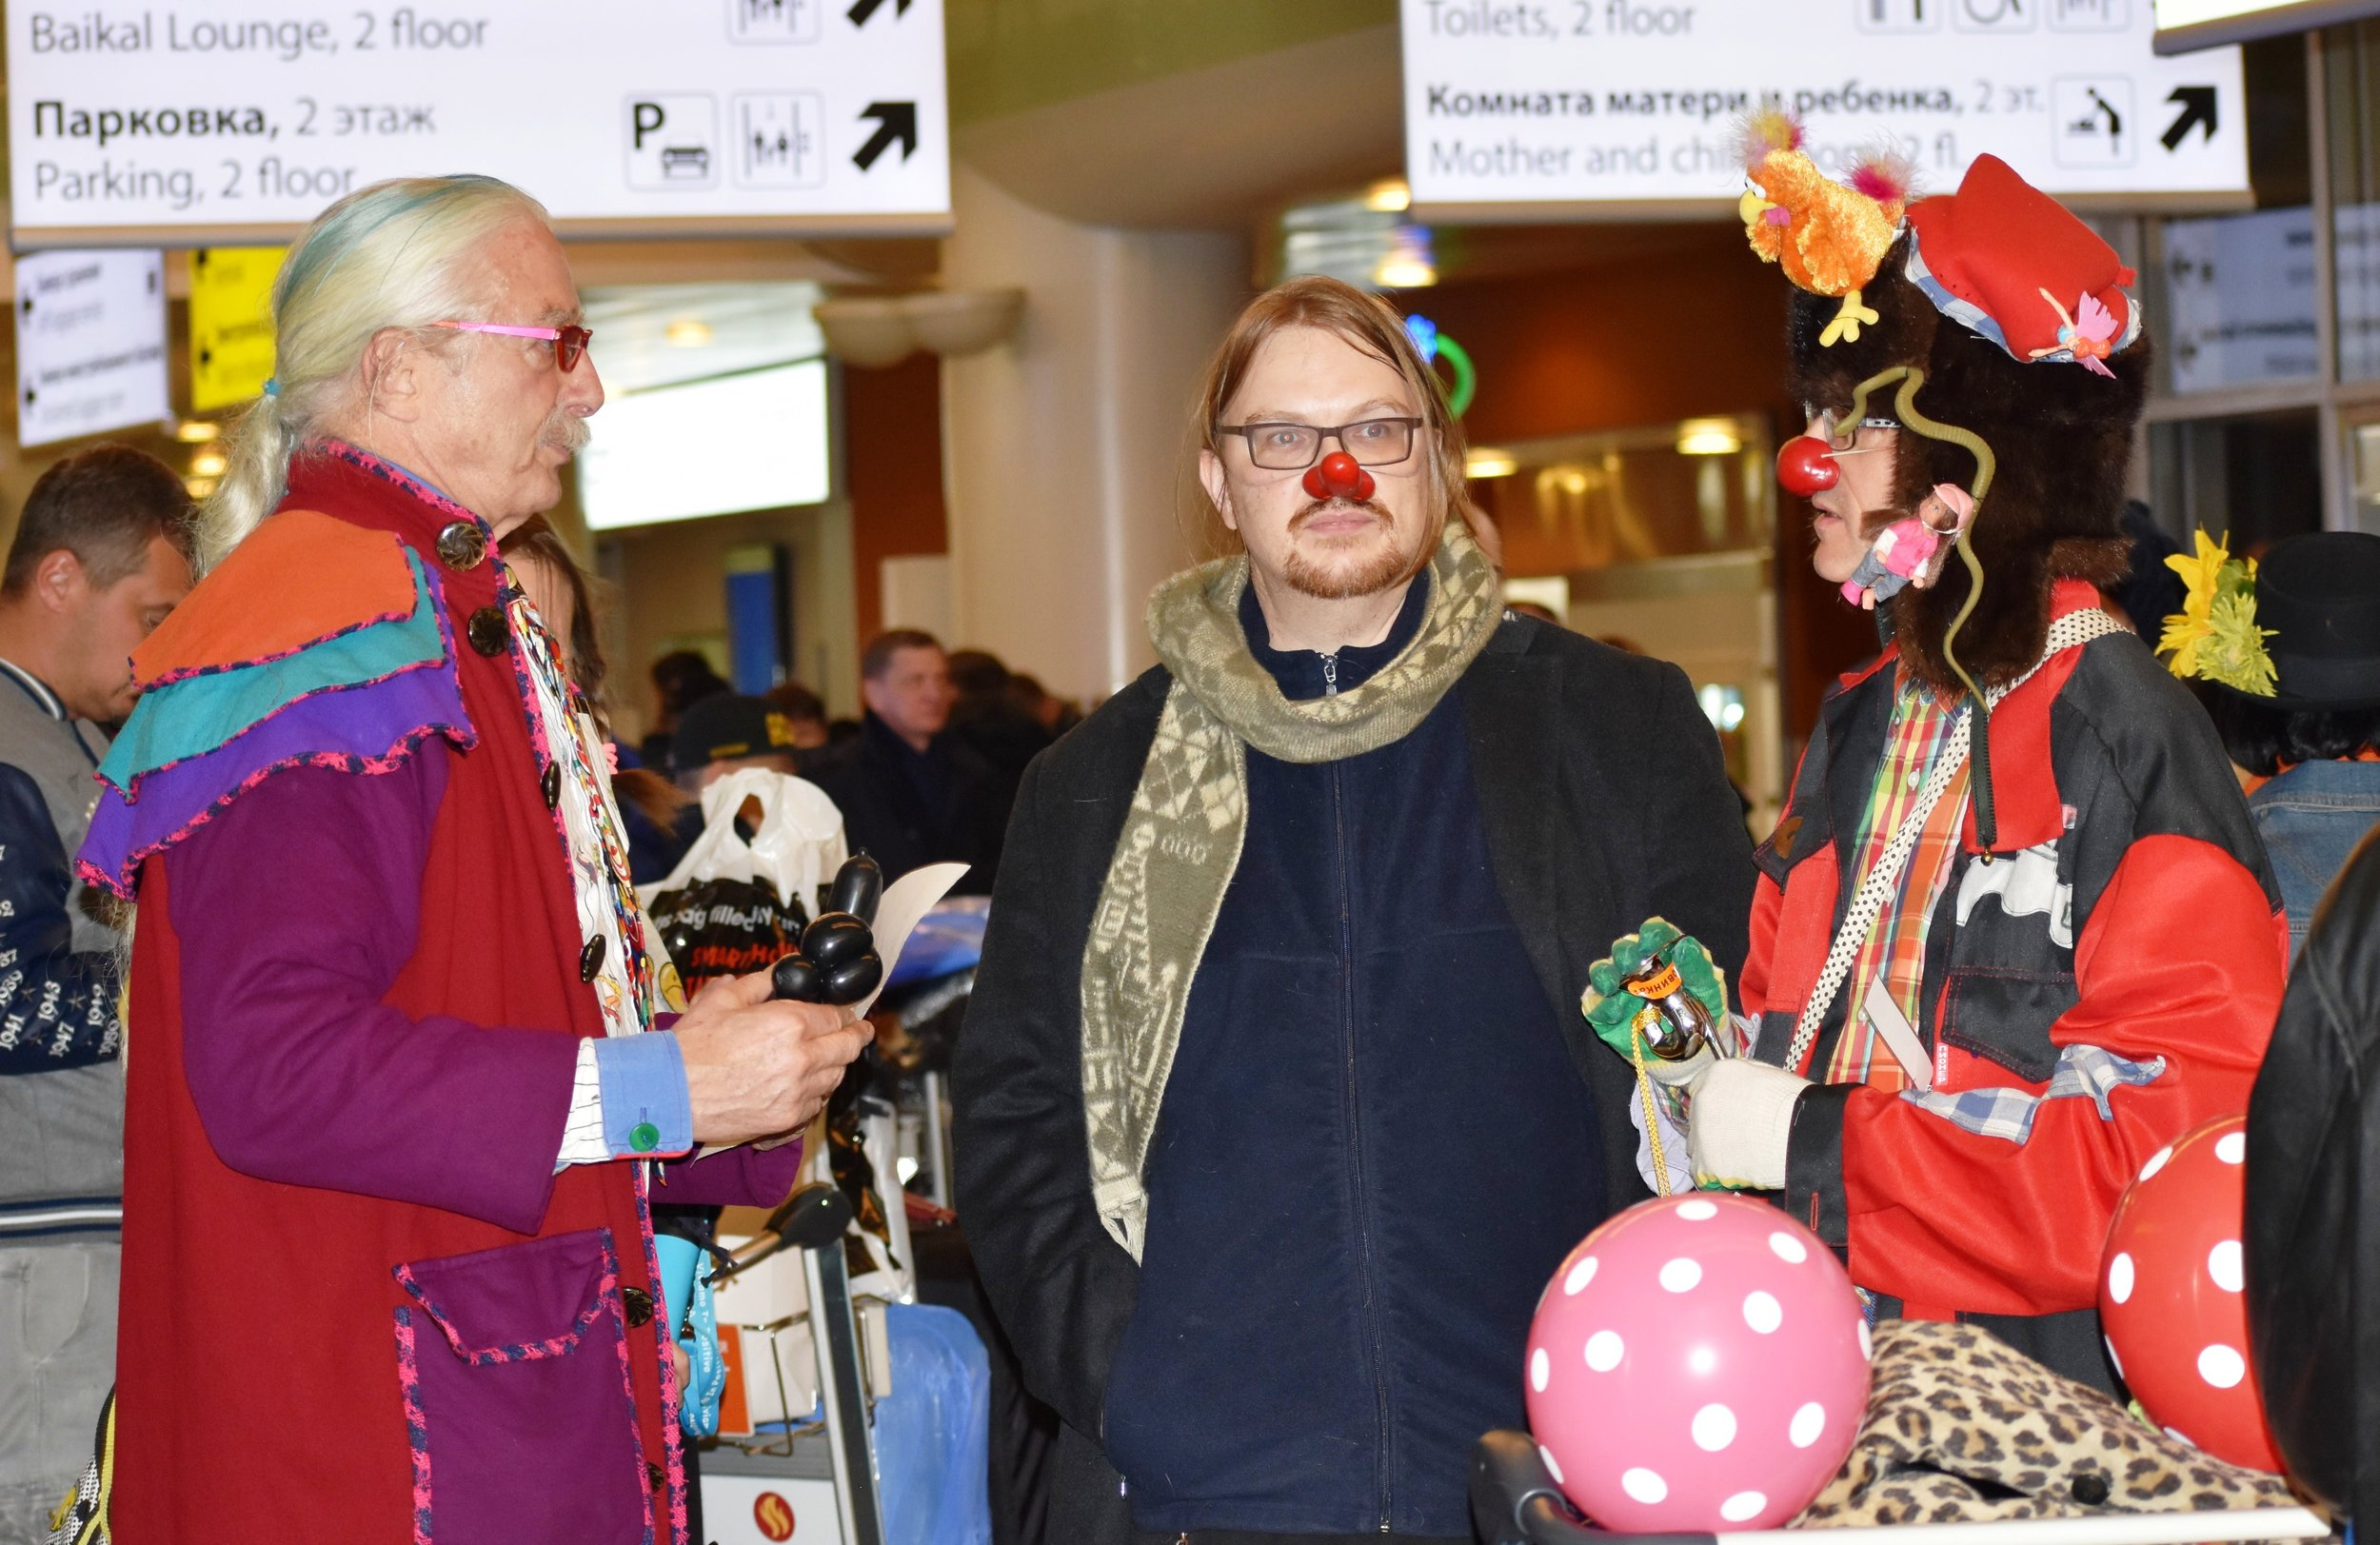 Клоуны пытаются понять как им вернуть утерянный багаж